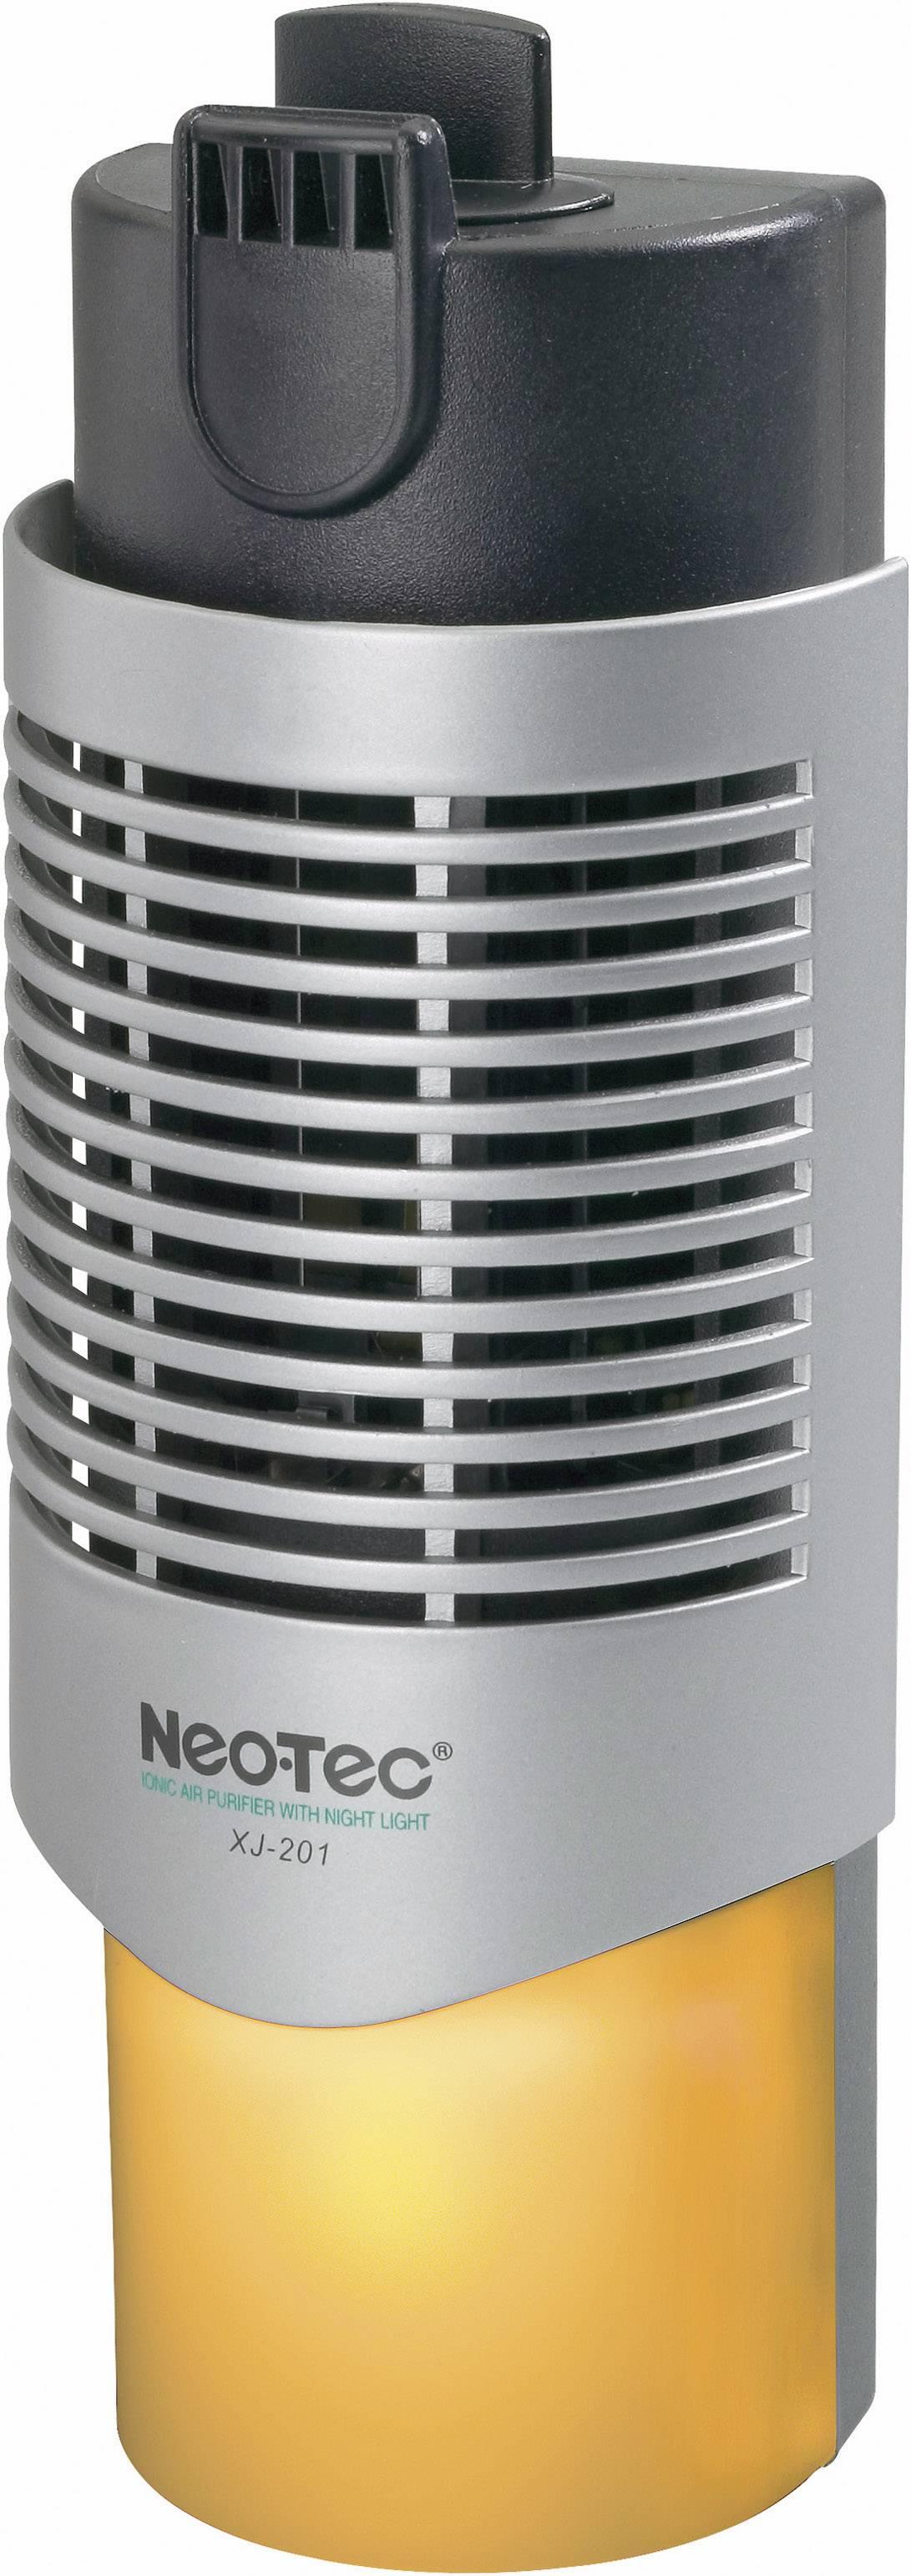 Ionizátor vzduchu se světlem XJ-201, 20 m², 3 W, černá, stříbrná